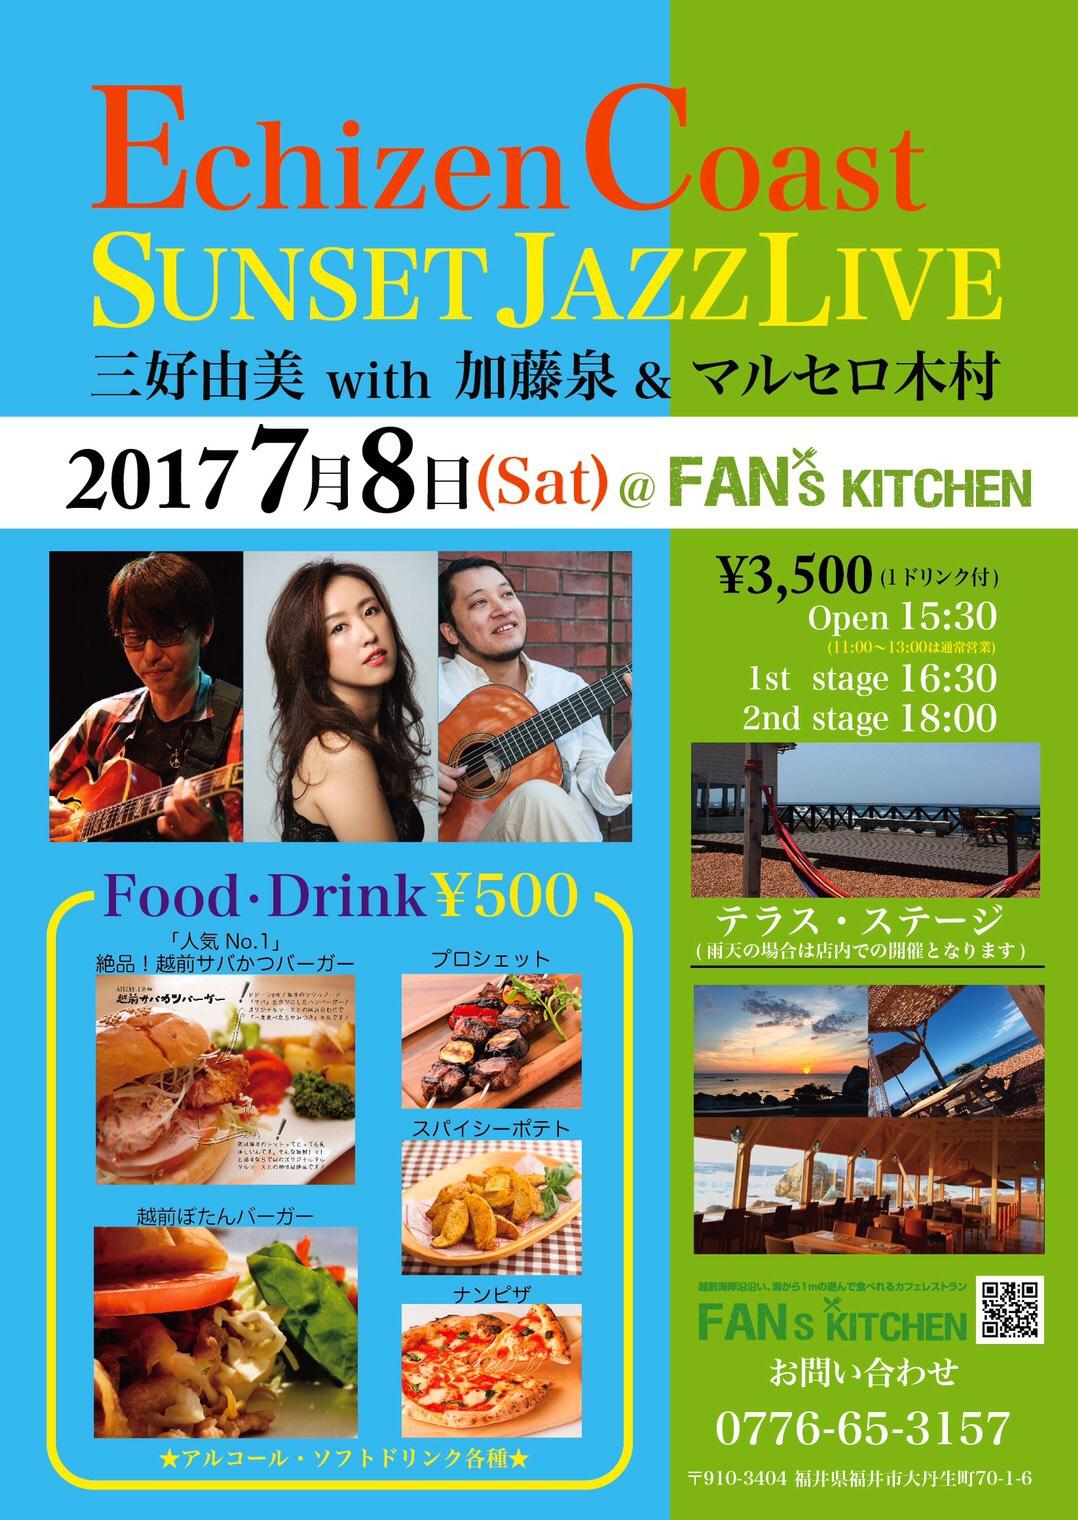 『Sunset Jazz Live@ FAN's kitchen』